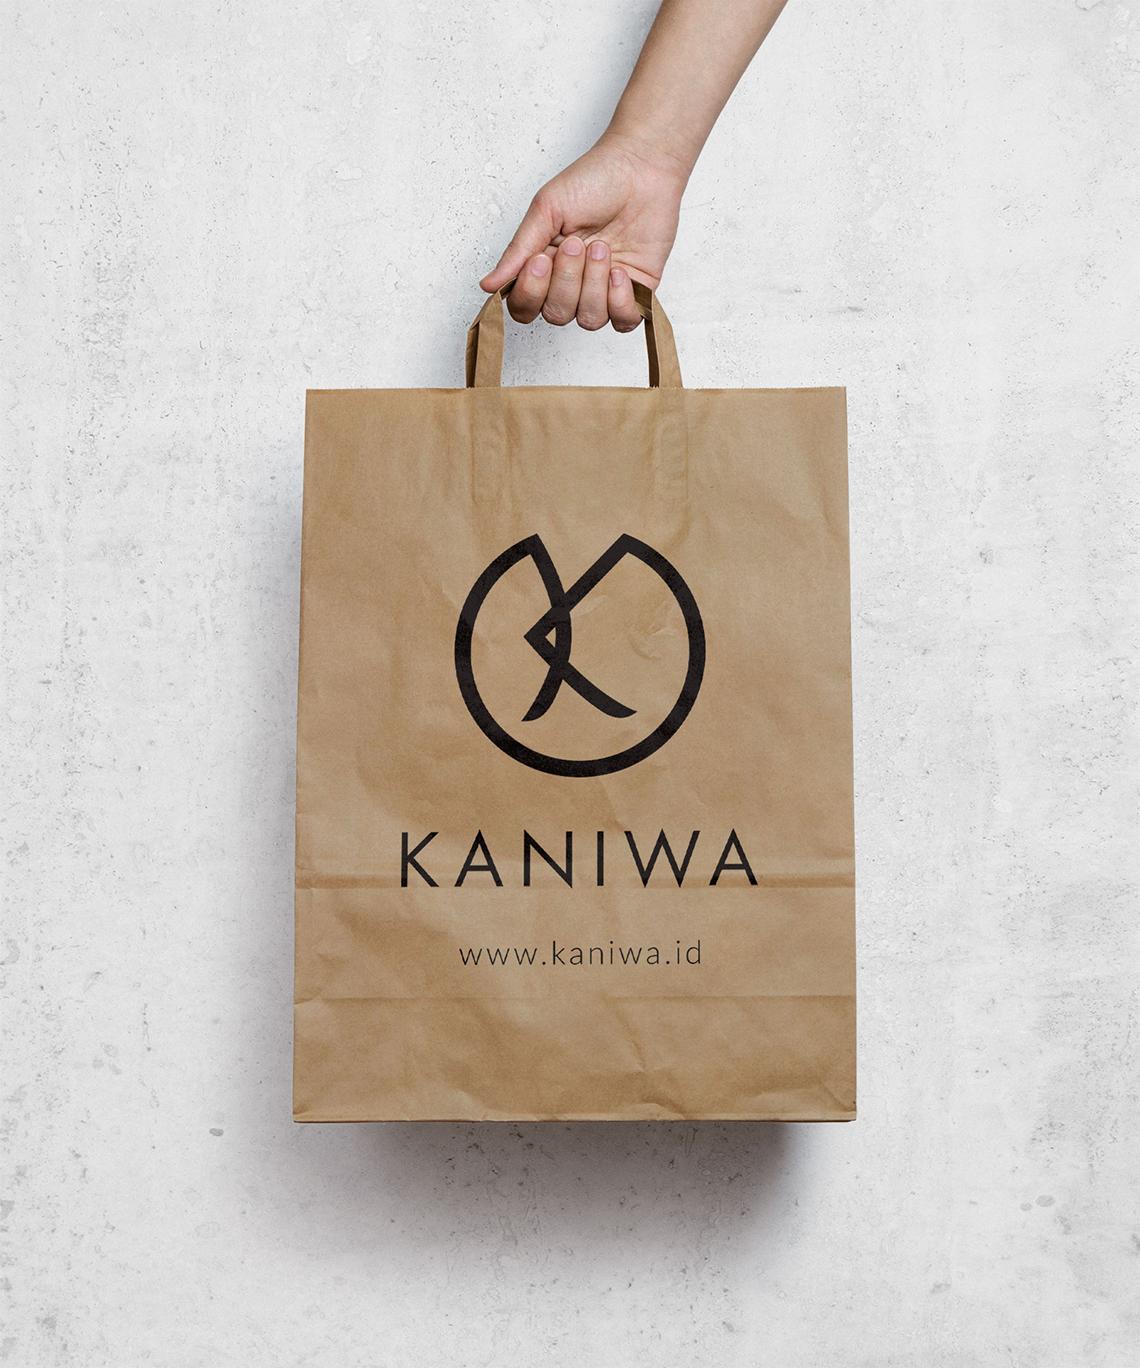 kaniwa-8